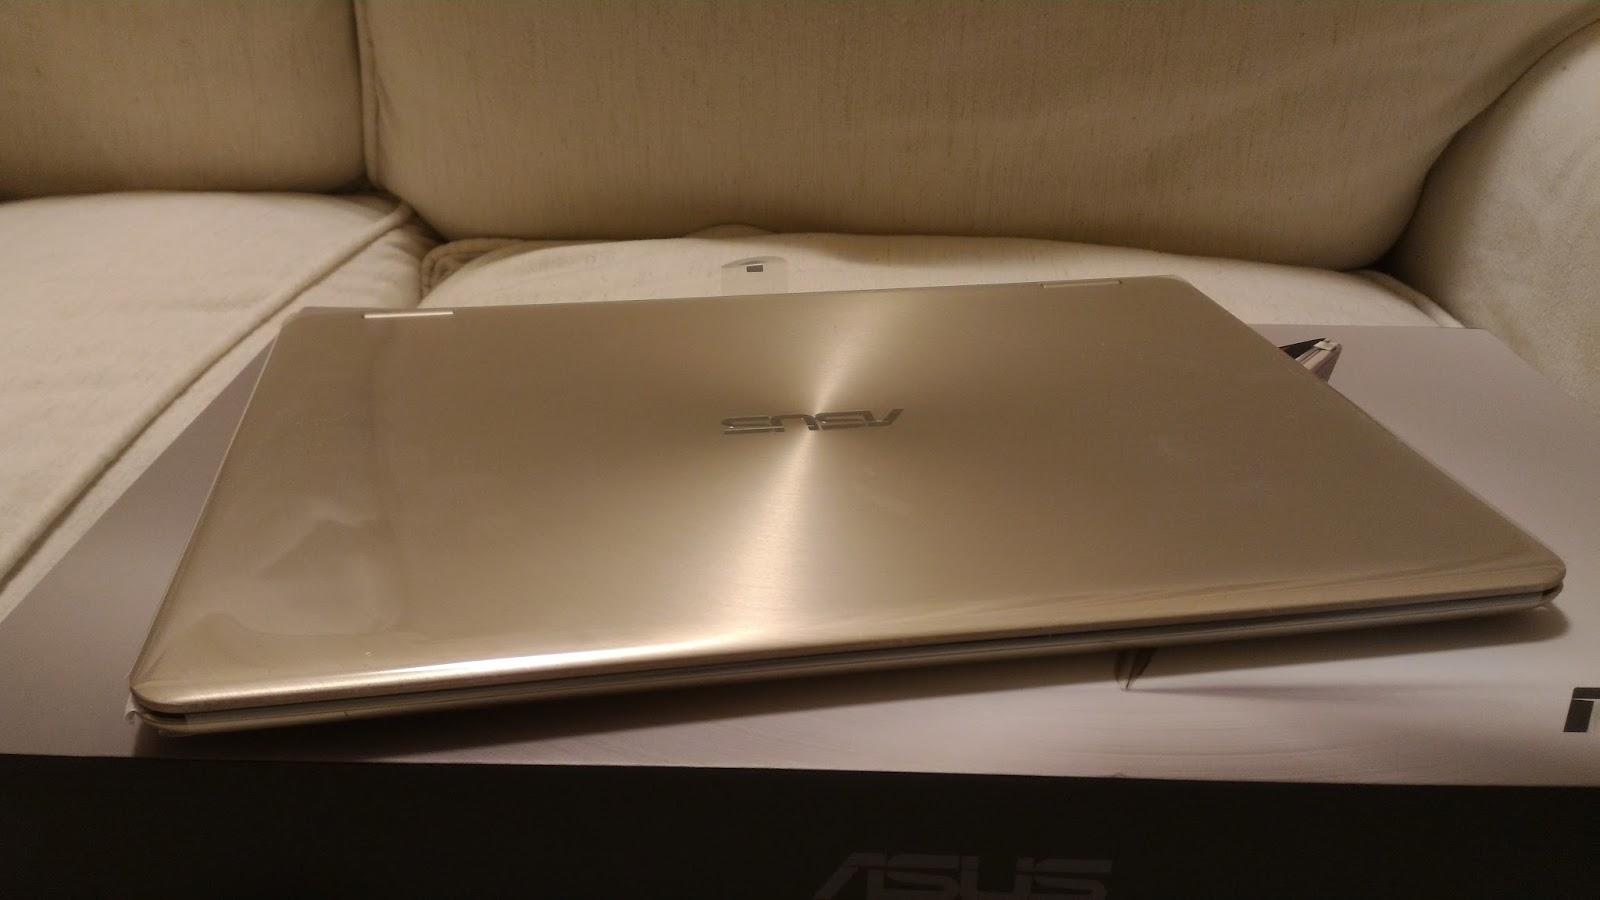 P 20160506 230342 SRES - [開箱] Asus Zenbook Flip UX306CA 極致輕薄、360度自由翻轉